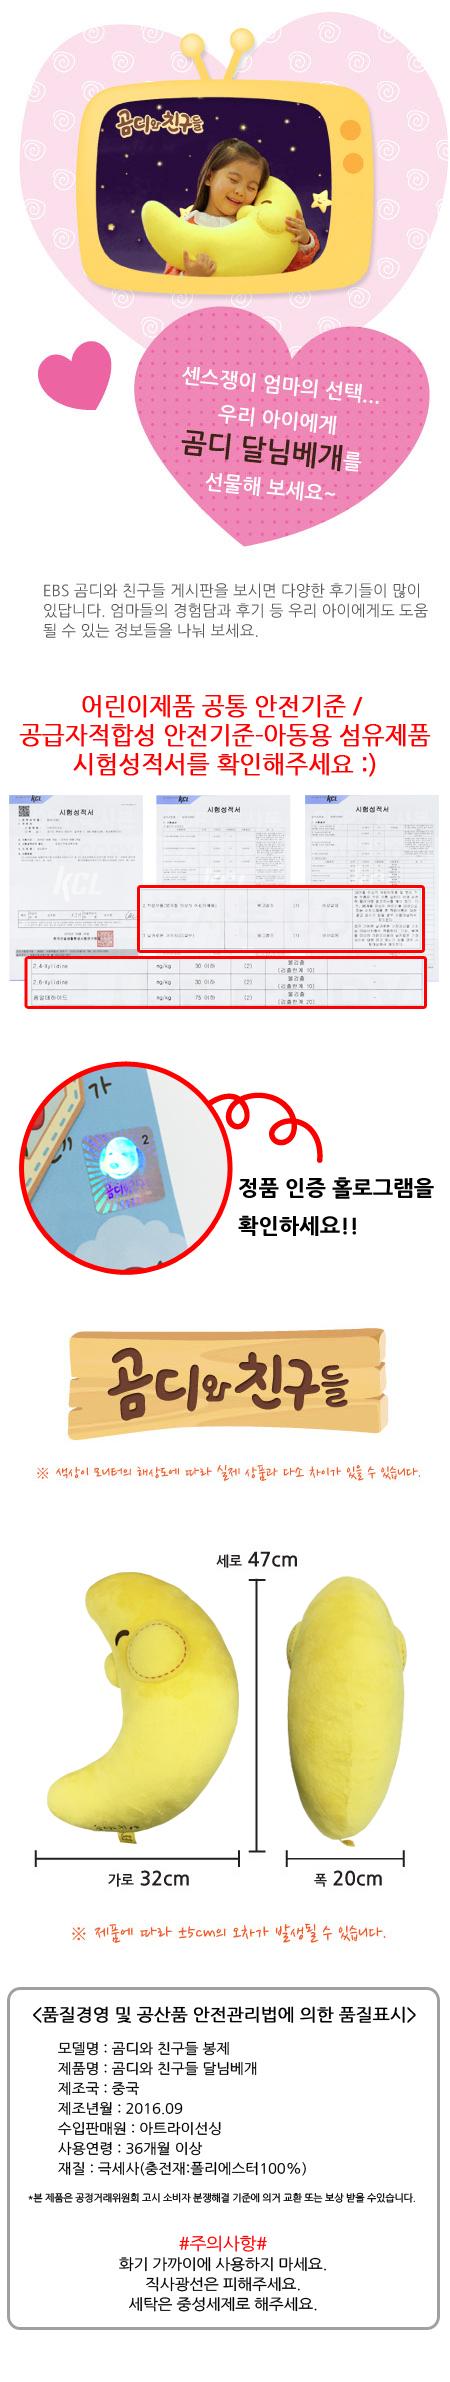 곰디와친구들-달님베개 - 포토포토, 25,000원, 패브릭/침구, 베개